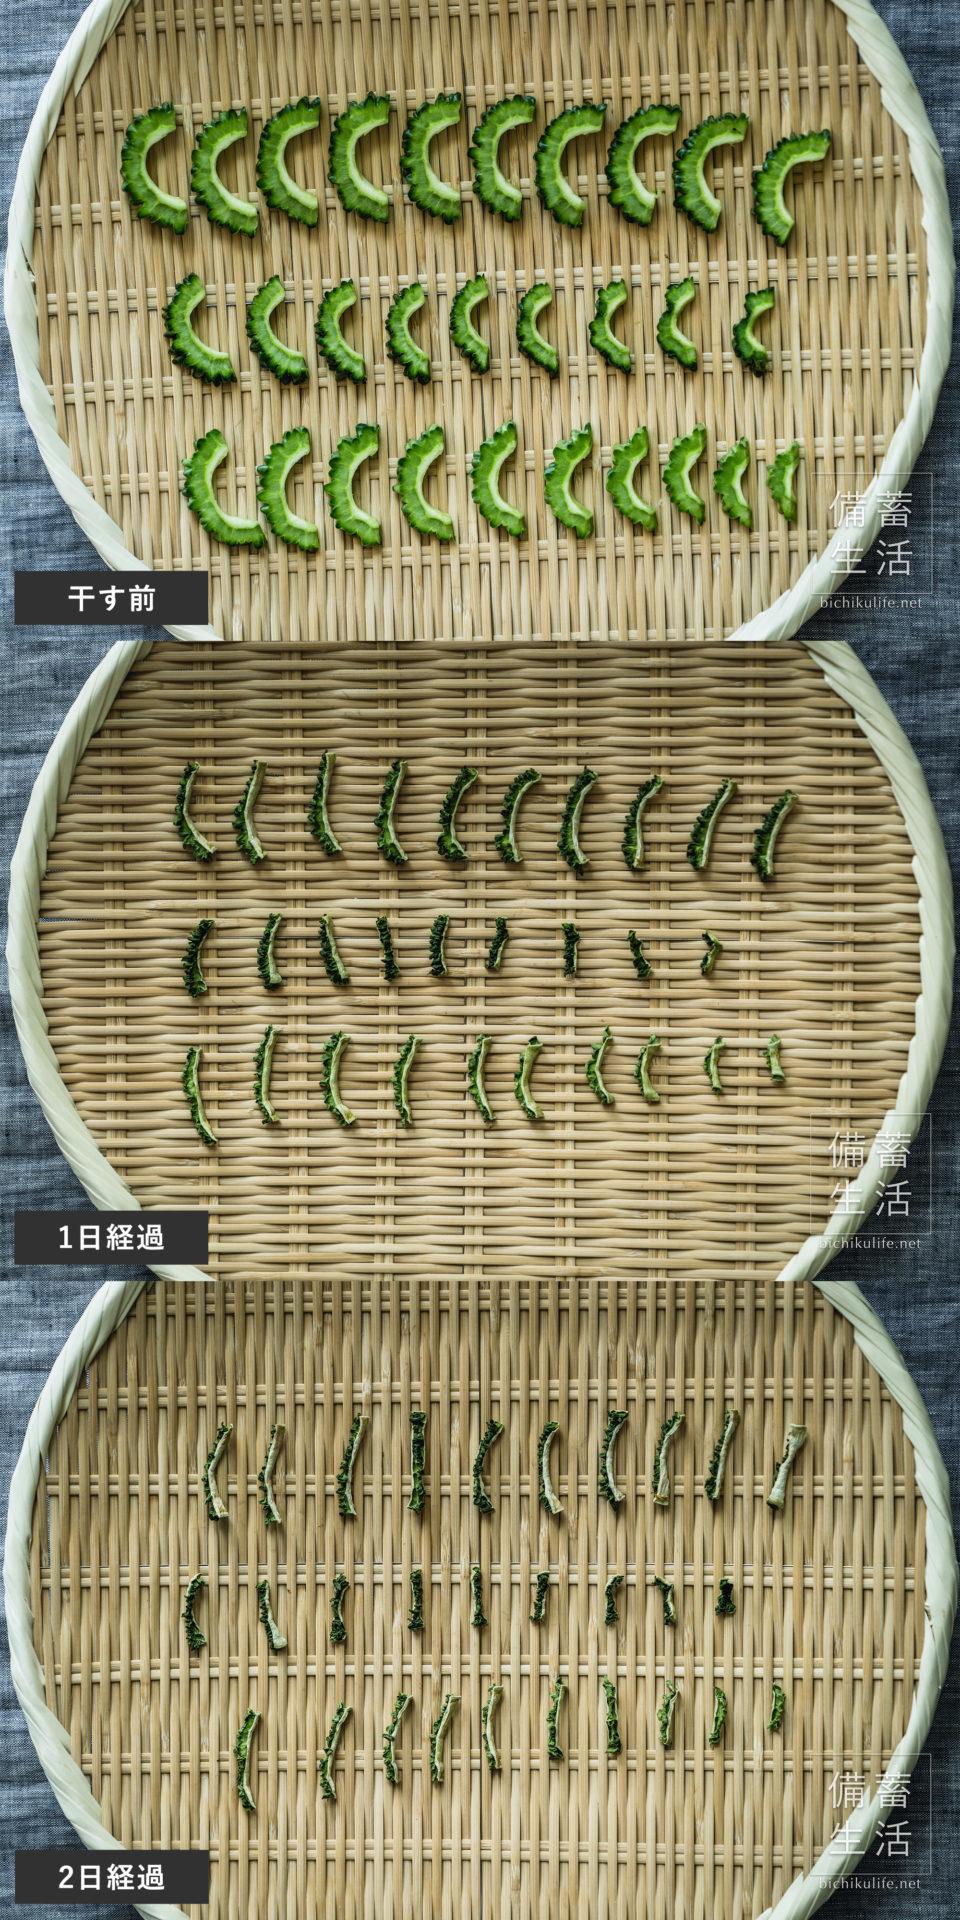 ゴーヤー 干し野菜づくり|干しゴーヤの作り方